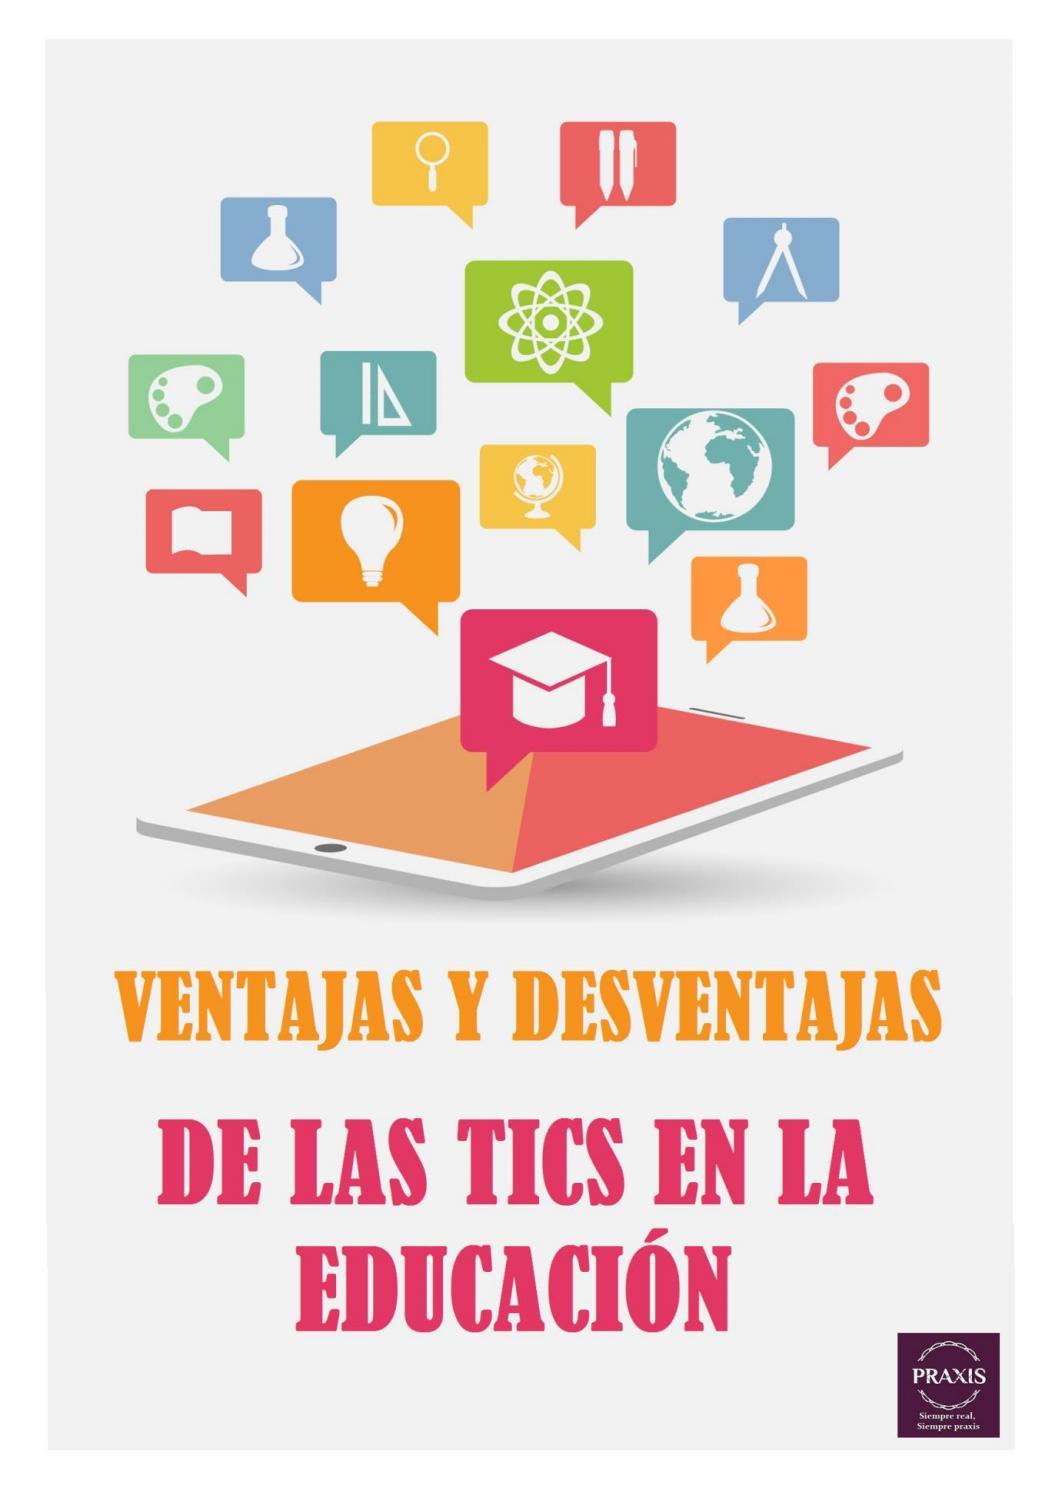 Ventajas Y Desventajas De Las Tics En La Educación By Praxis Capital Issuu